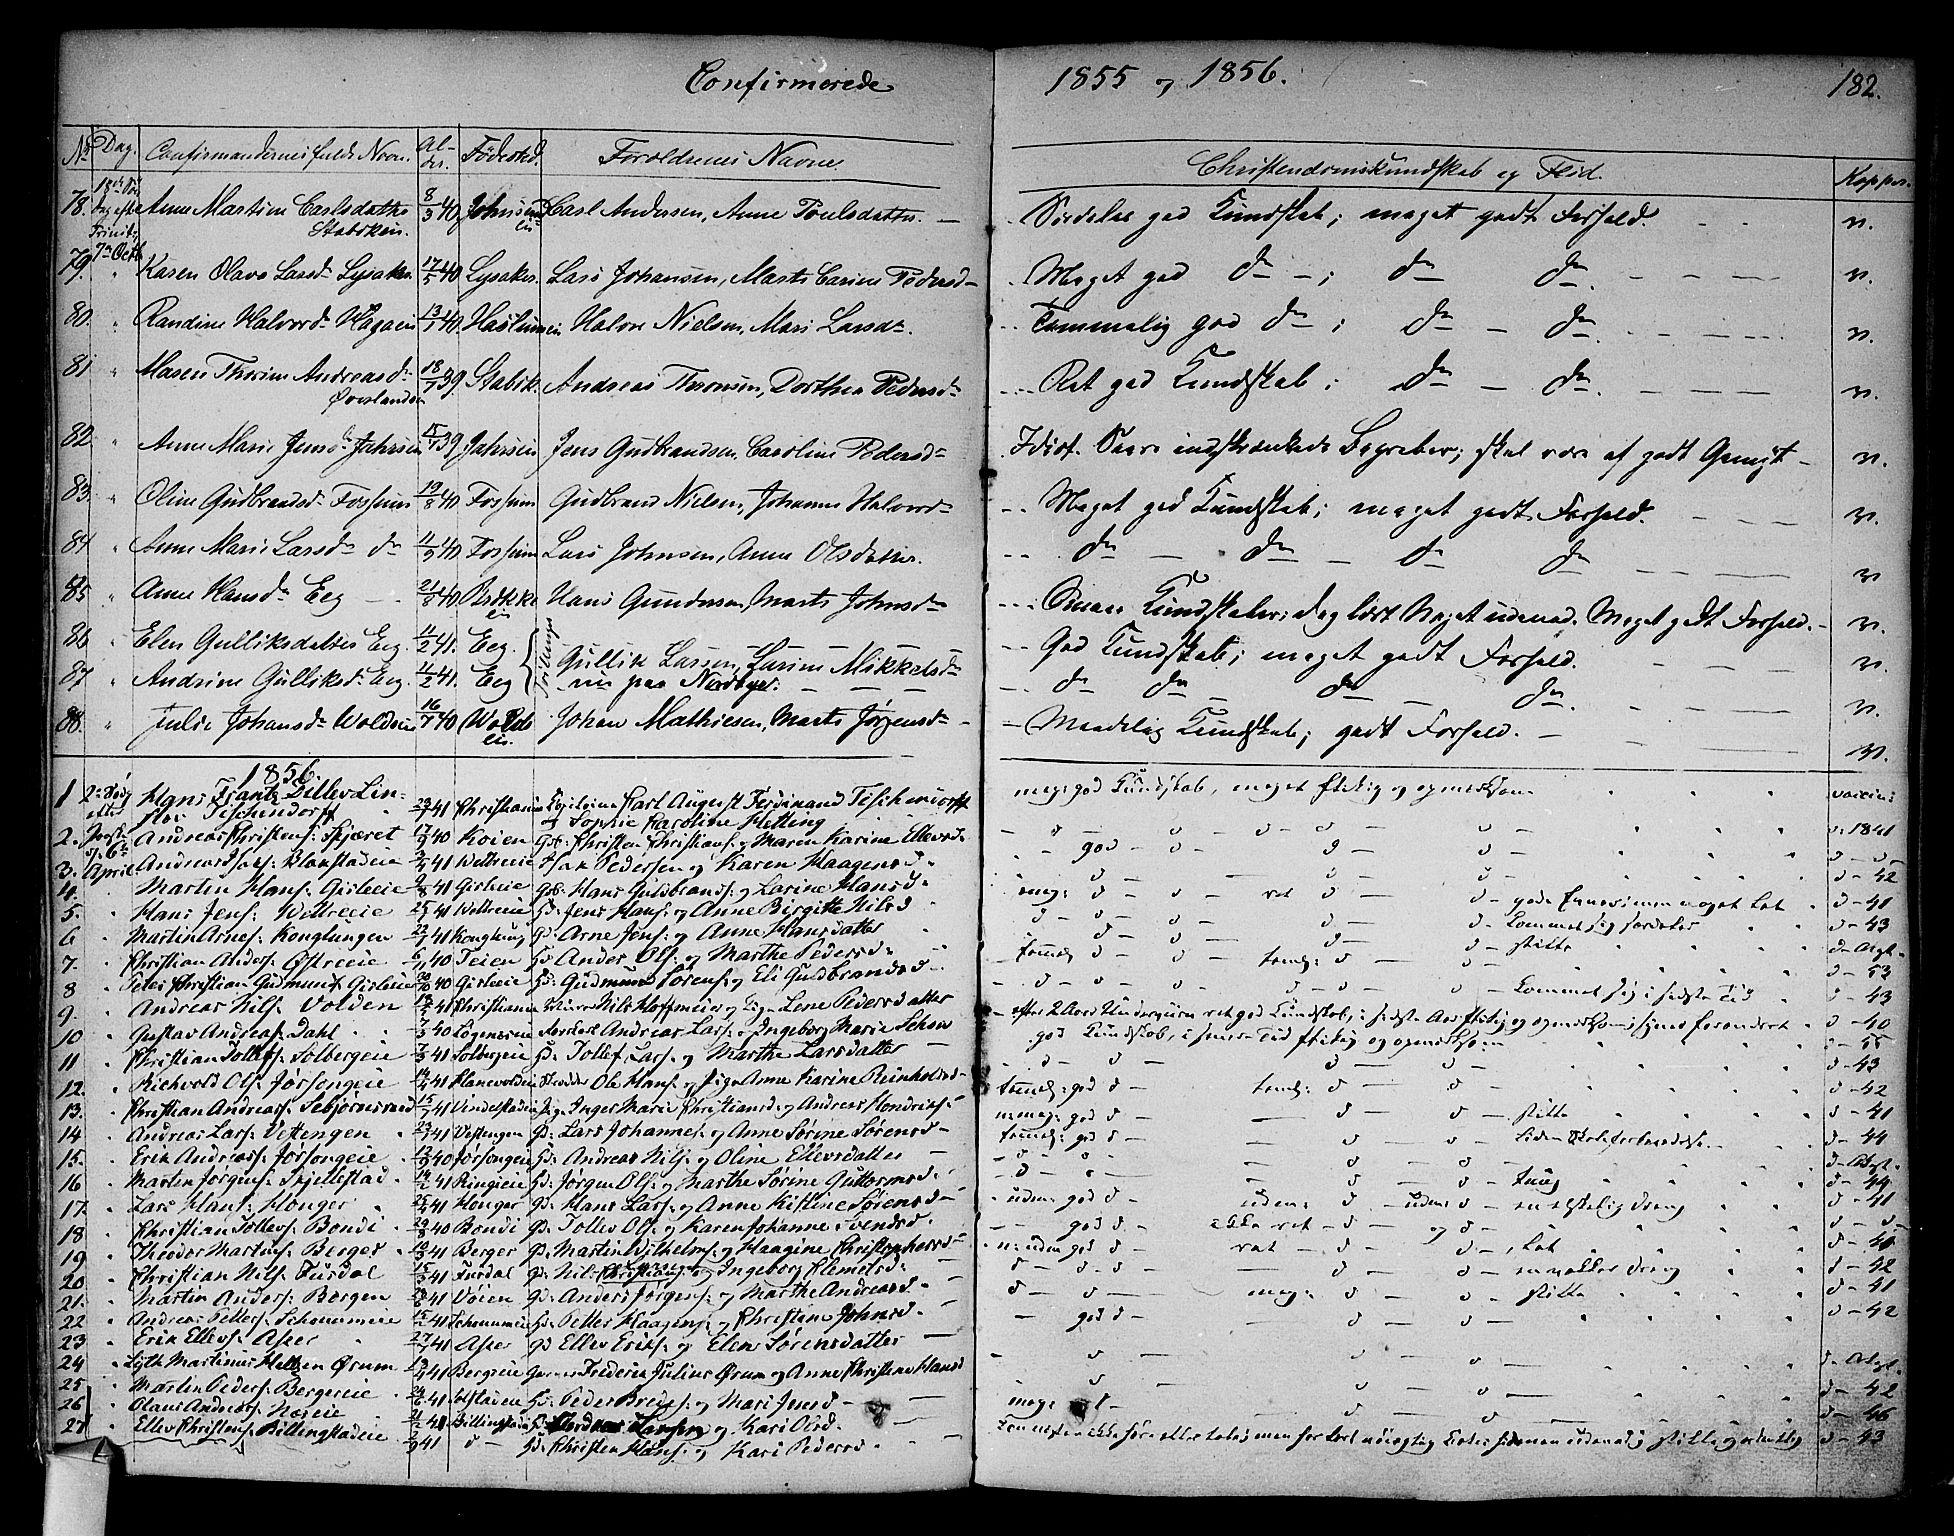 SAO, Asker prestekontor Kirkebøker, F/Fa/L0009: Ministerialbok nr. I 9, 1825-1878, s. 182